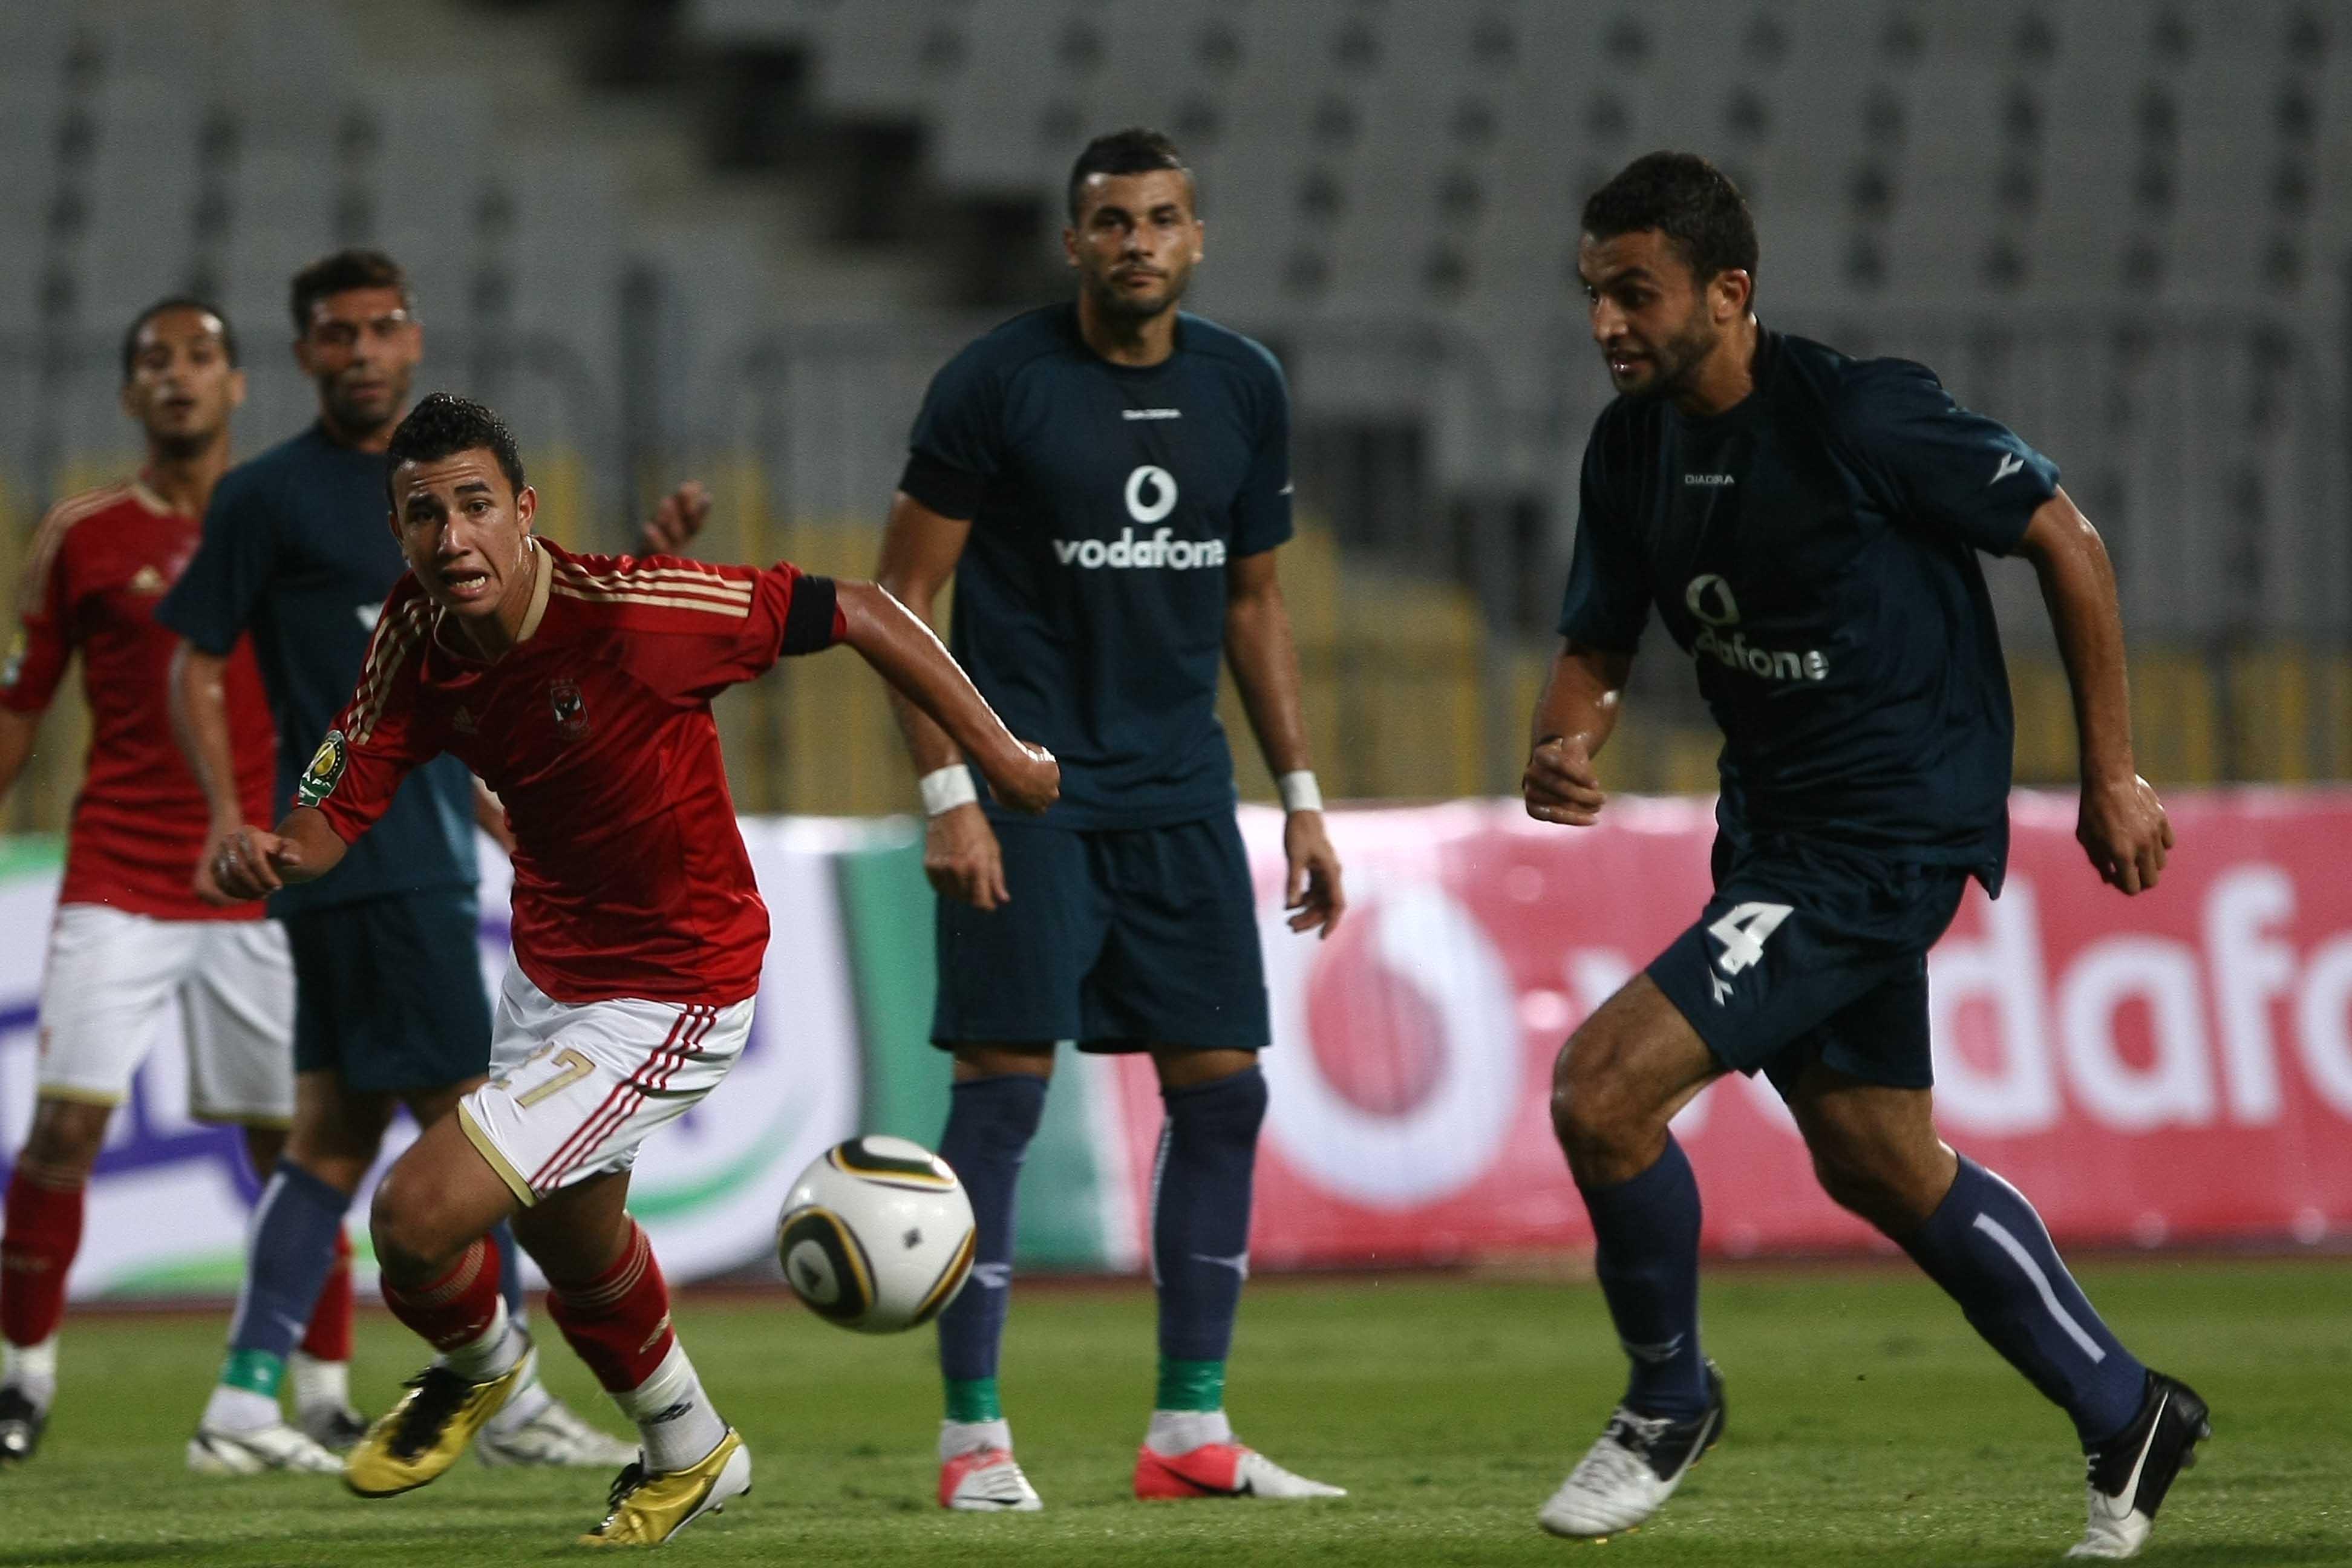 توقيت مباراة الاهلى وانبي اليوم كاس مصر 2016